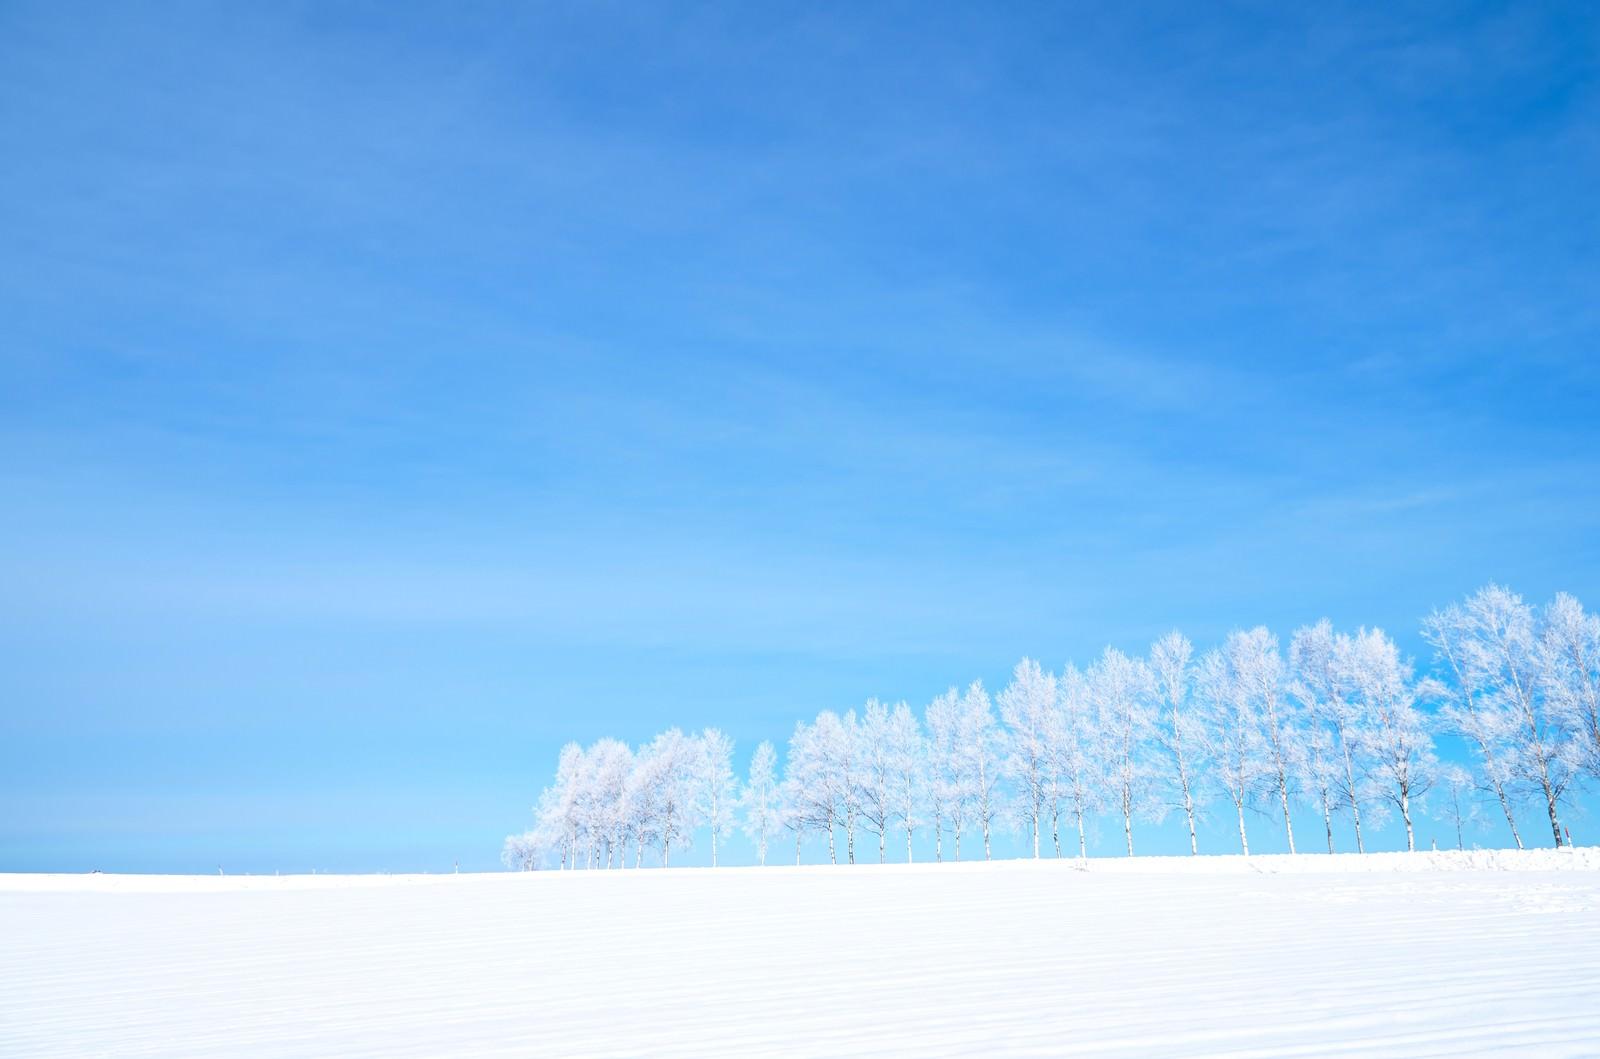 「雪原と霧氷」の写真